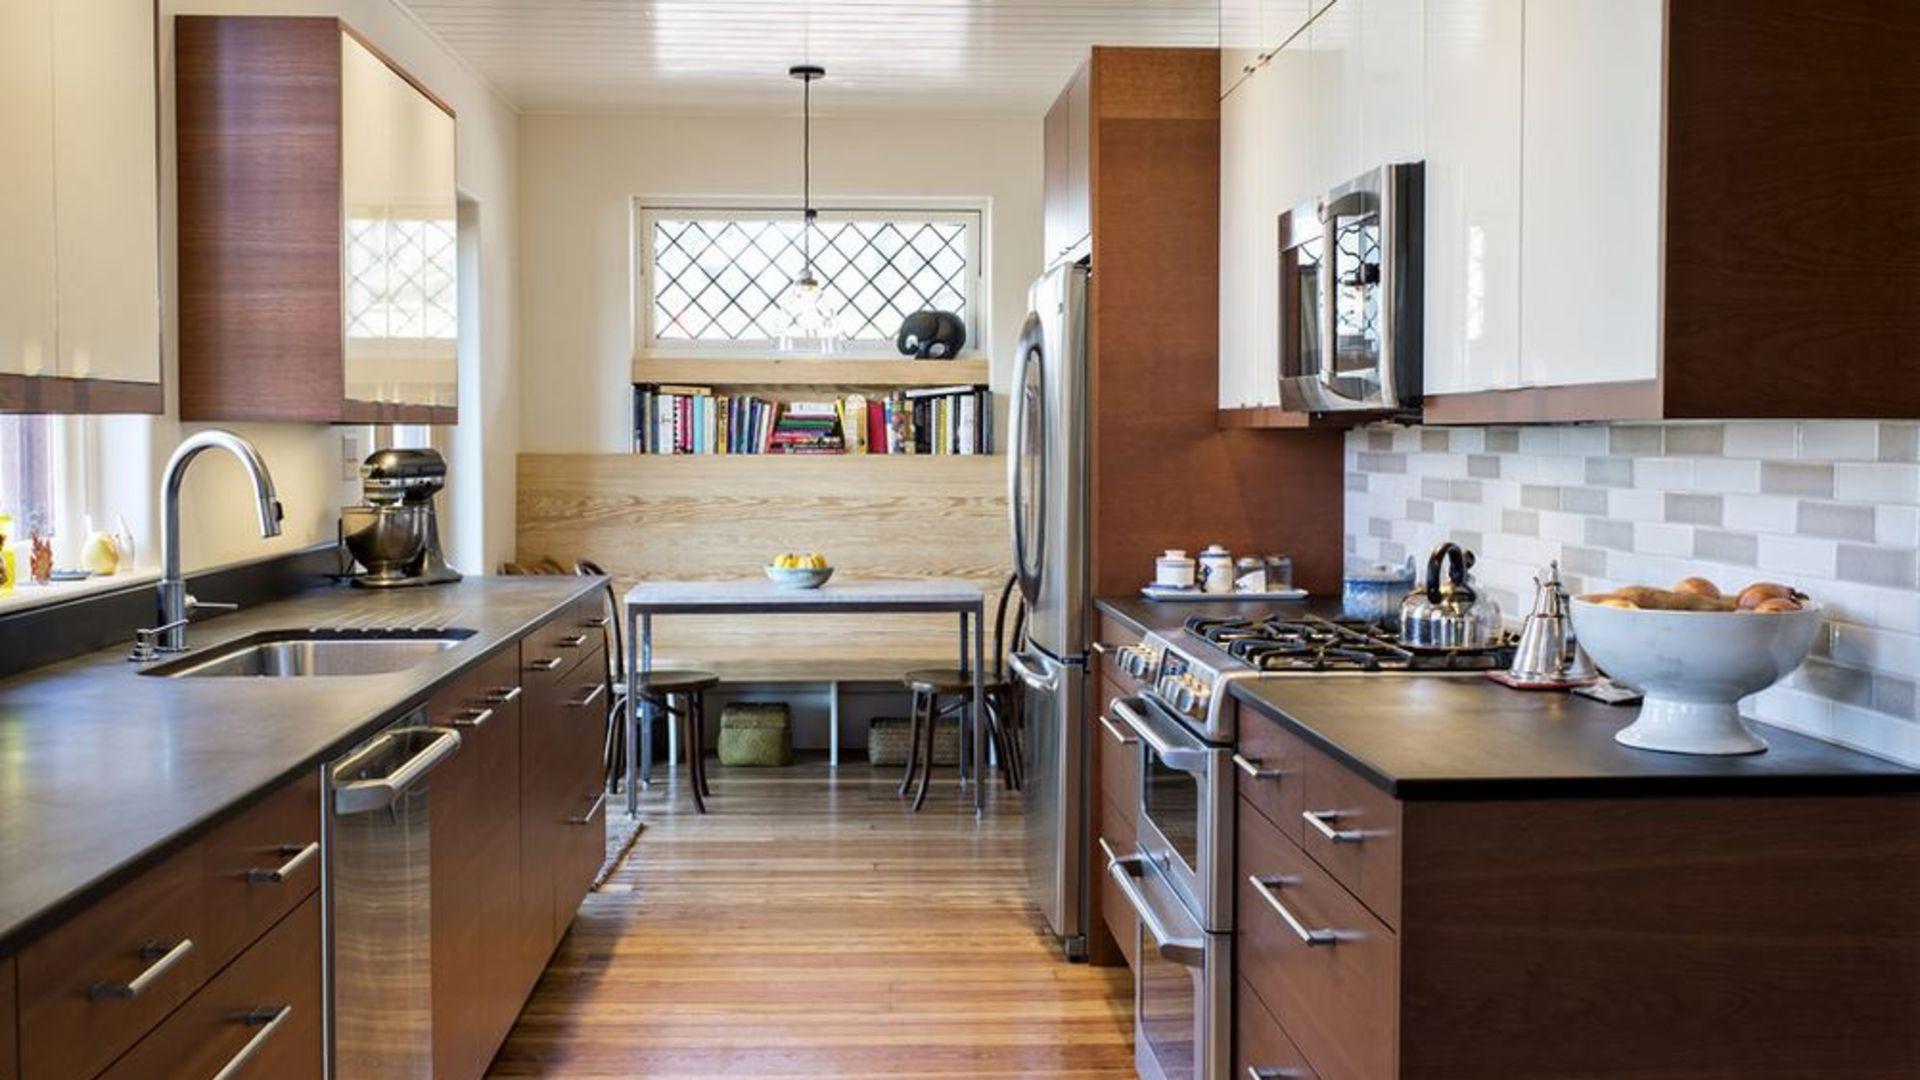 Дизайн прямоугольной кухни: советы по обустройству